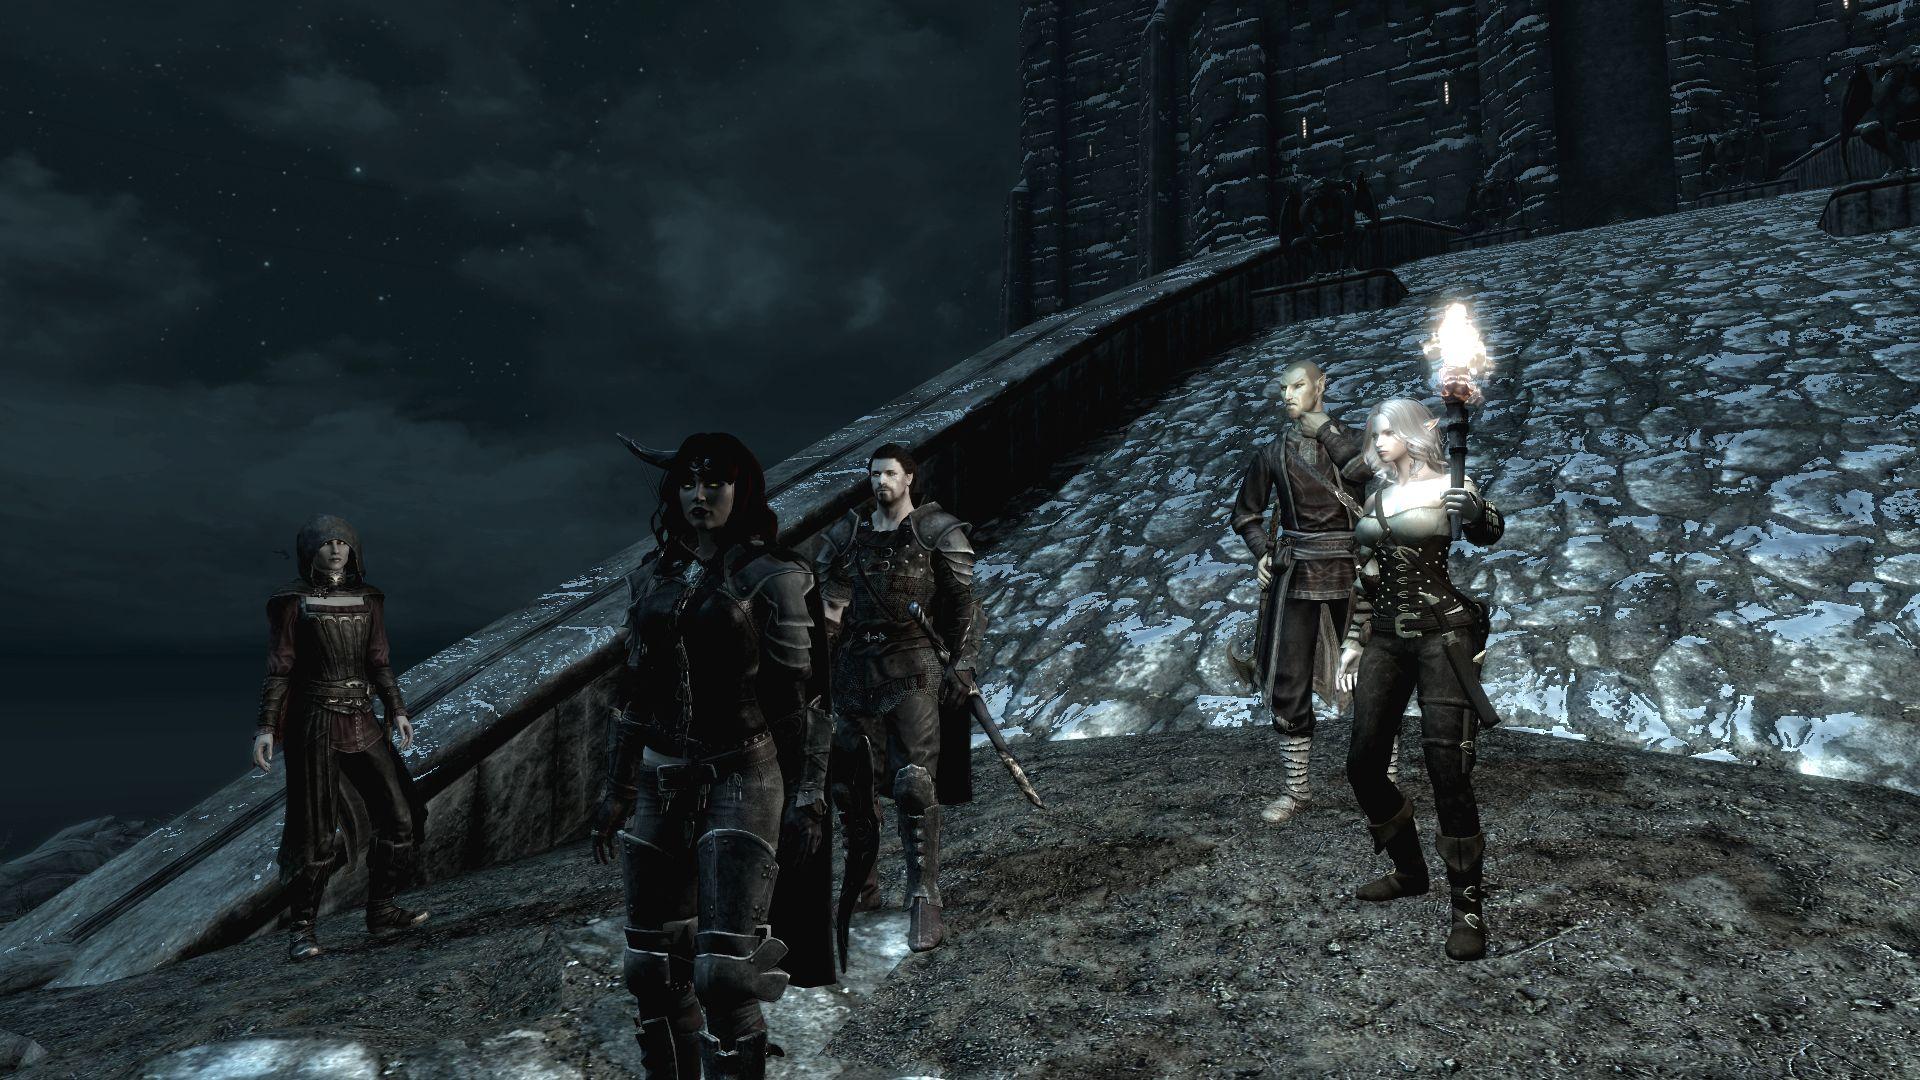 Follower (Skyrim) | Elder Scrolls | Fandom